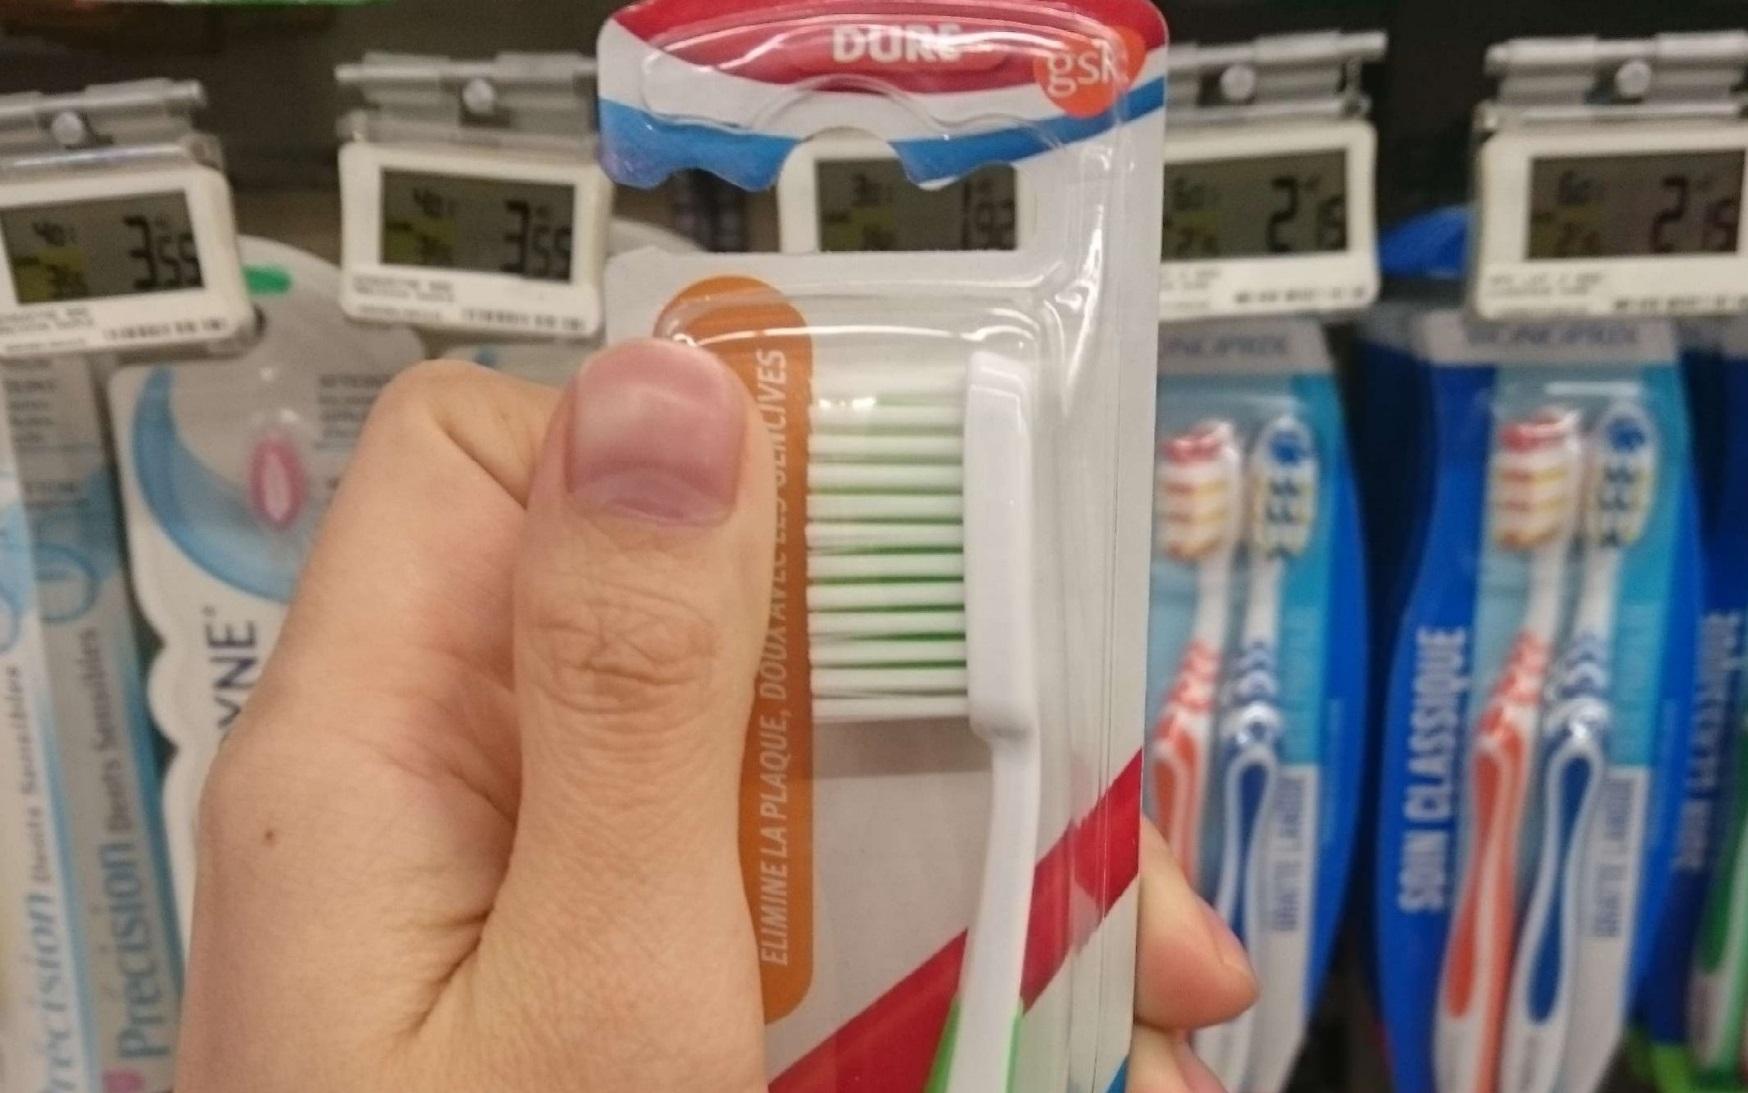 フランスと日本の商品を比較してみた。フランスの歯ブラシはデカい